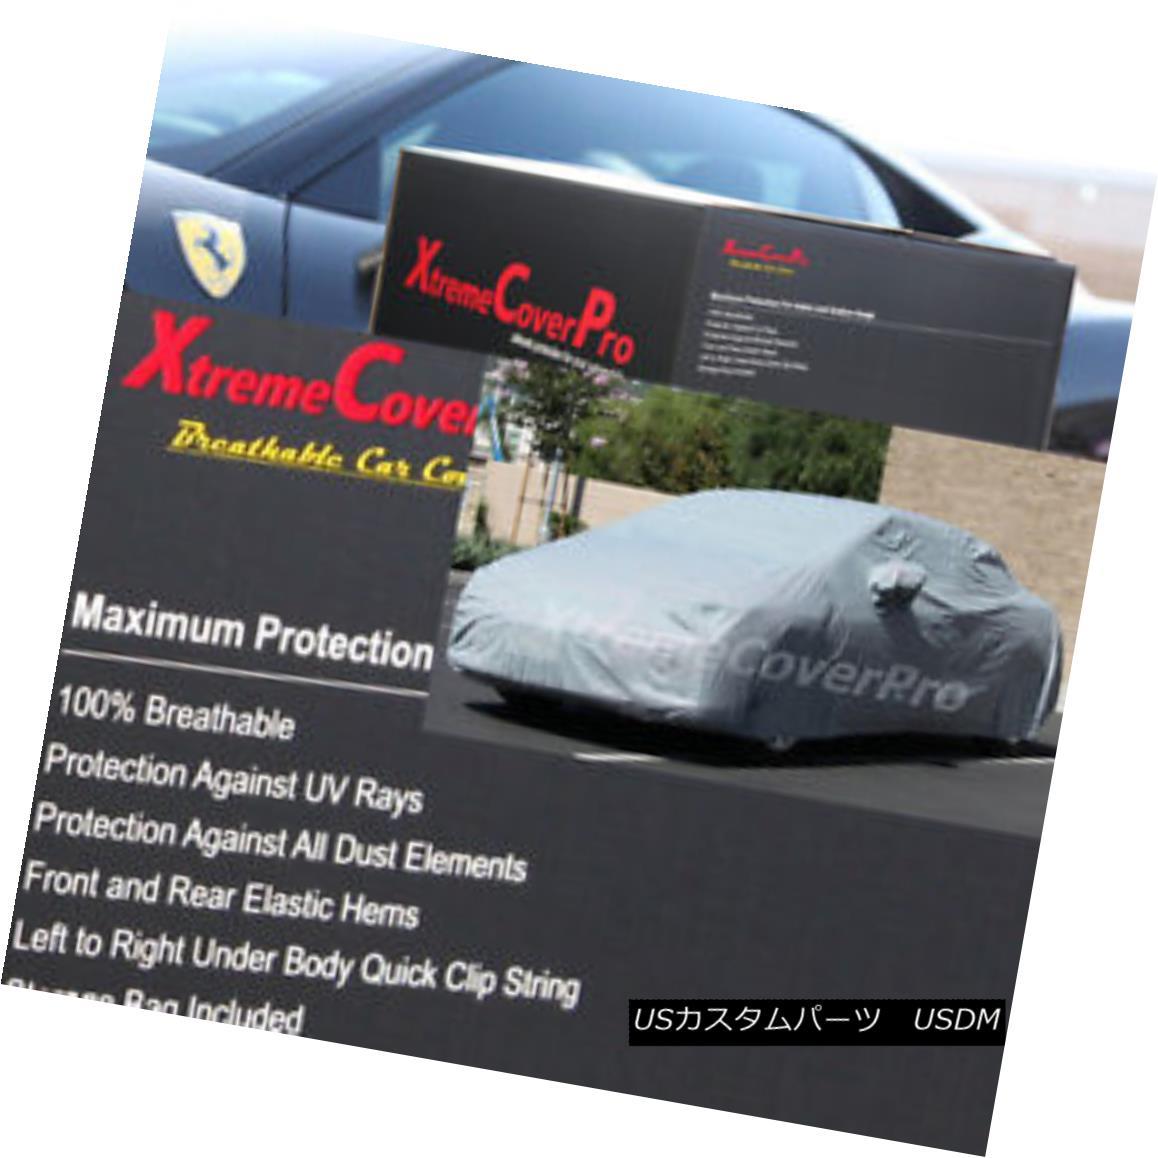 カーカバー 2014 Cadillac ELR COUPE Breathable Car Cover w/ Mirror Pocket 2014キャデラックELR COUPE通気性の車カバー、ミラーポケット付き